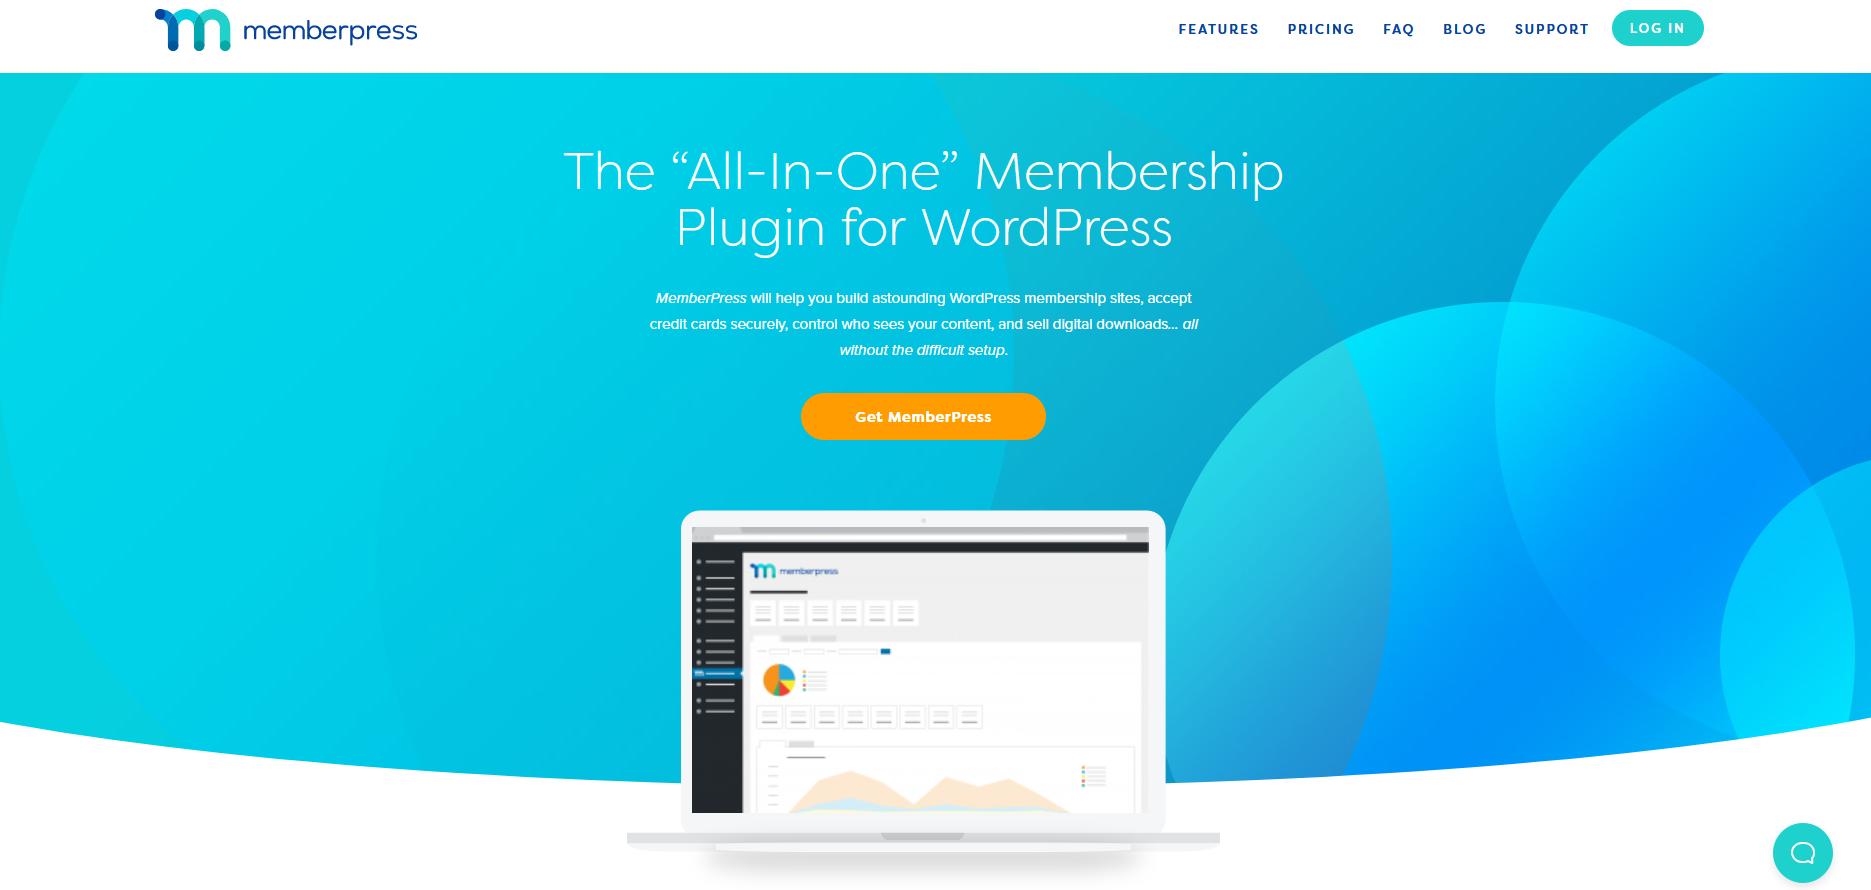 memberpress pour la monétisation de votre site web